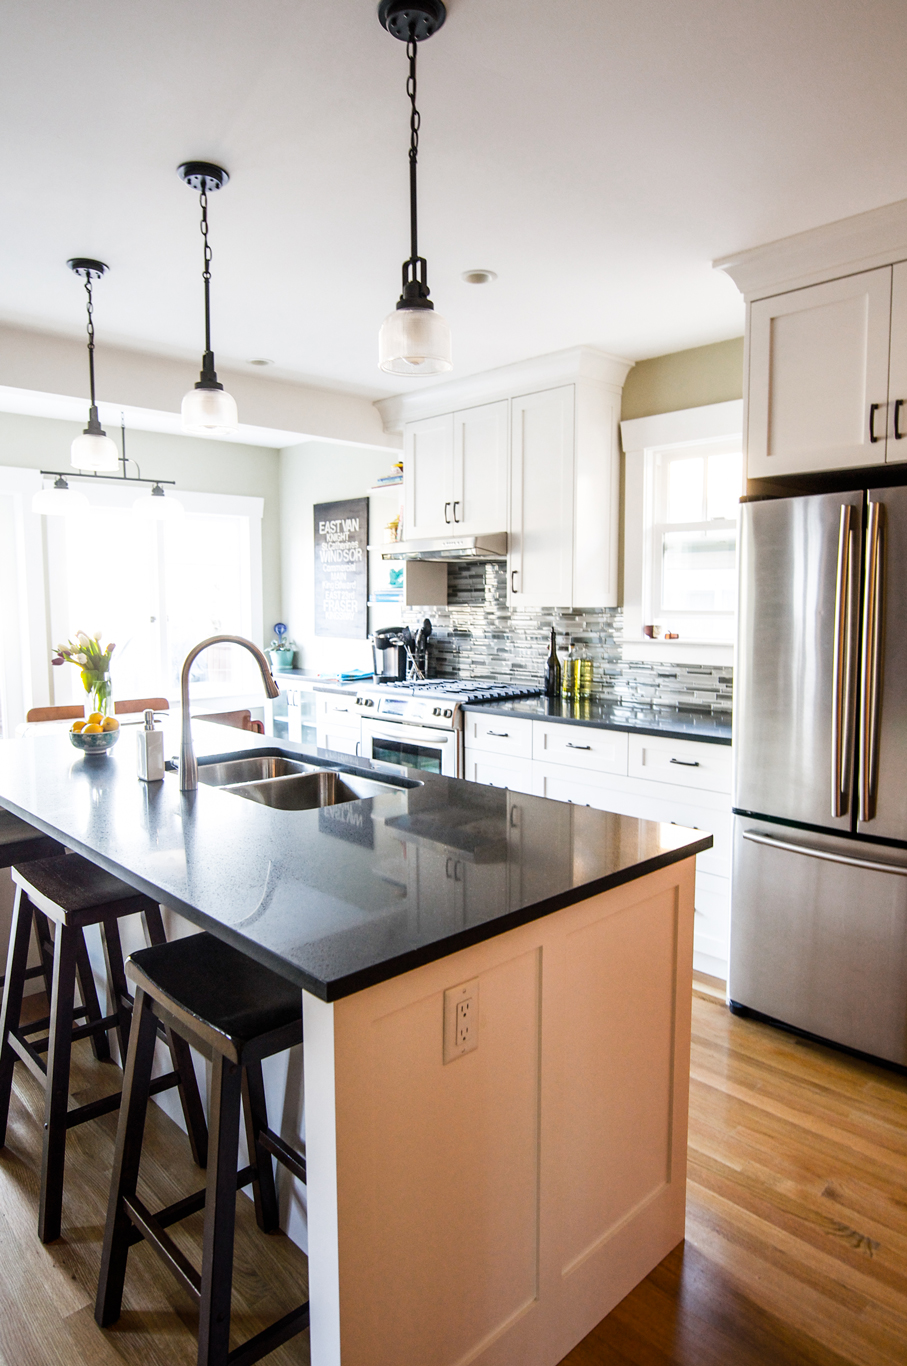 wilson-kitchen-construction-15.jpg